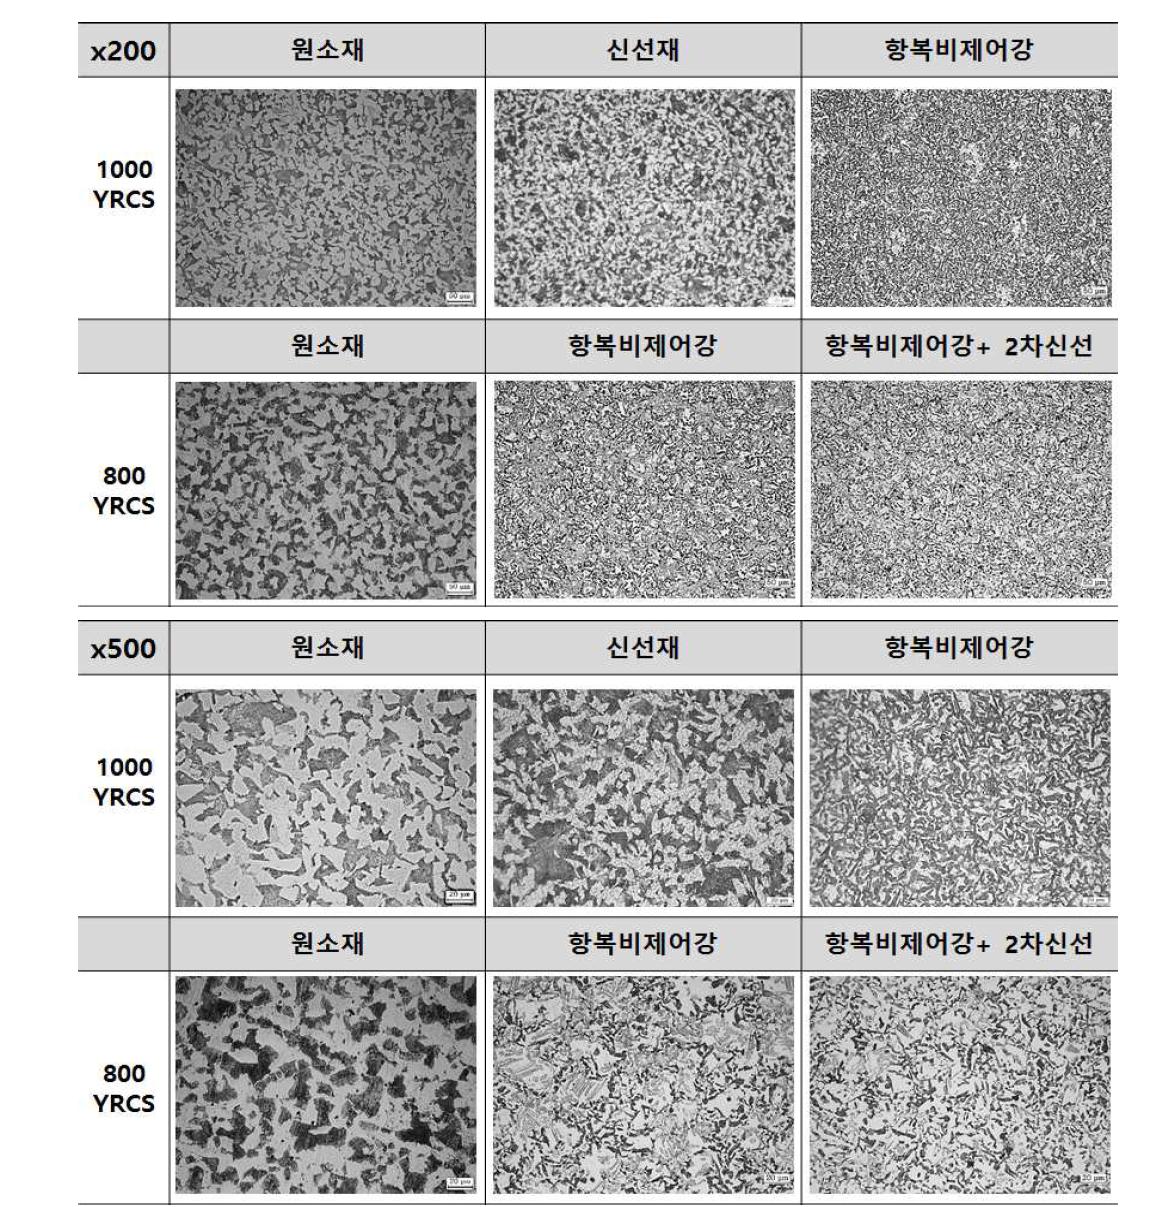 준양산 개념으로 제조된 항복비제어강의 생산단계별 미세조직 (200배, 500배)